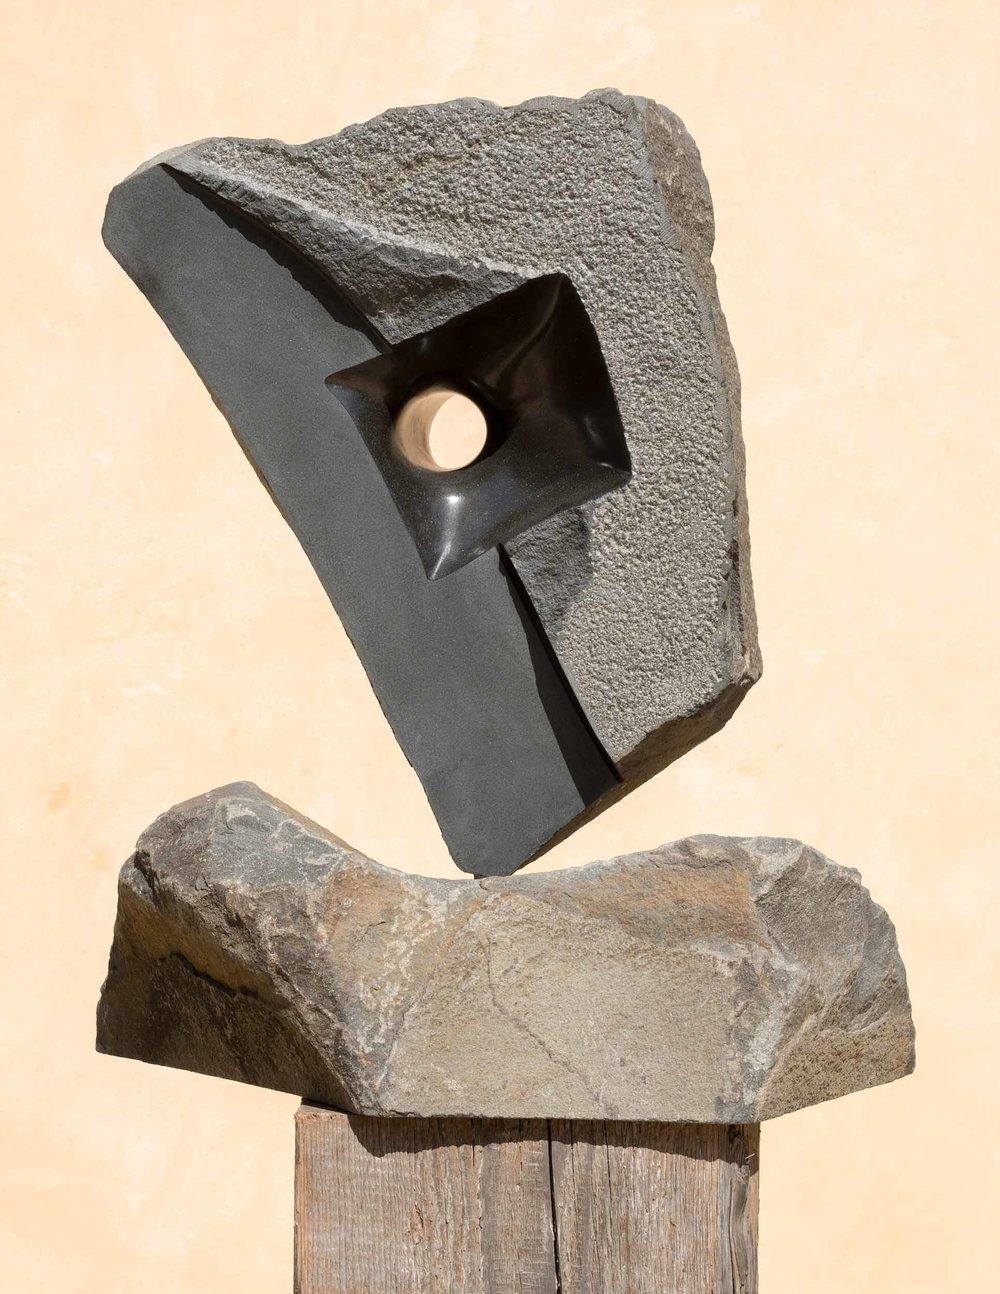 Sorarya-Nazarian-Sculpture-23.jpg